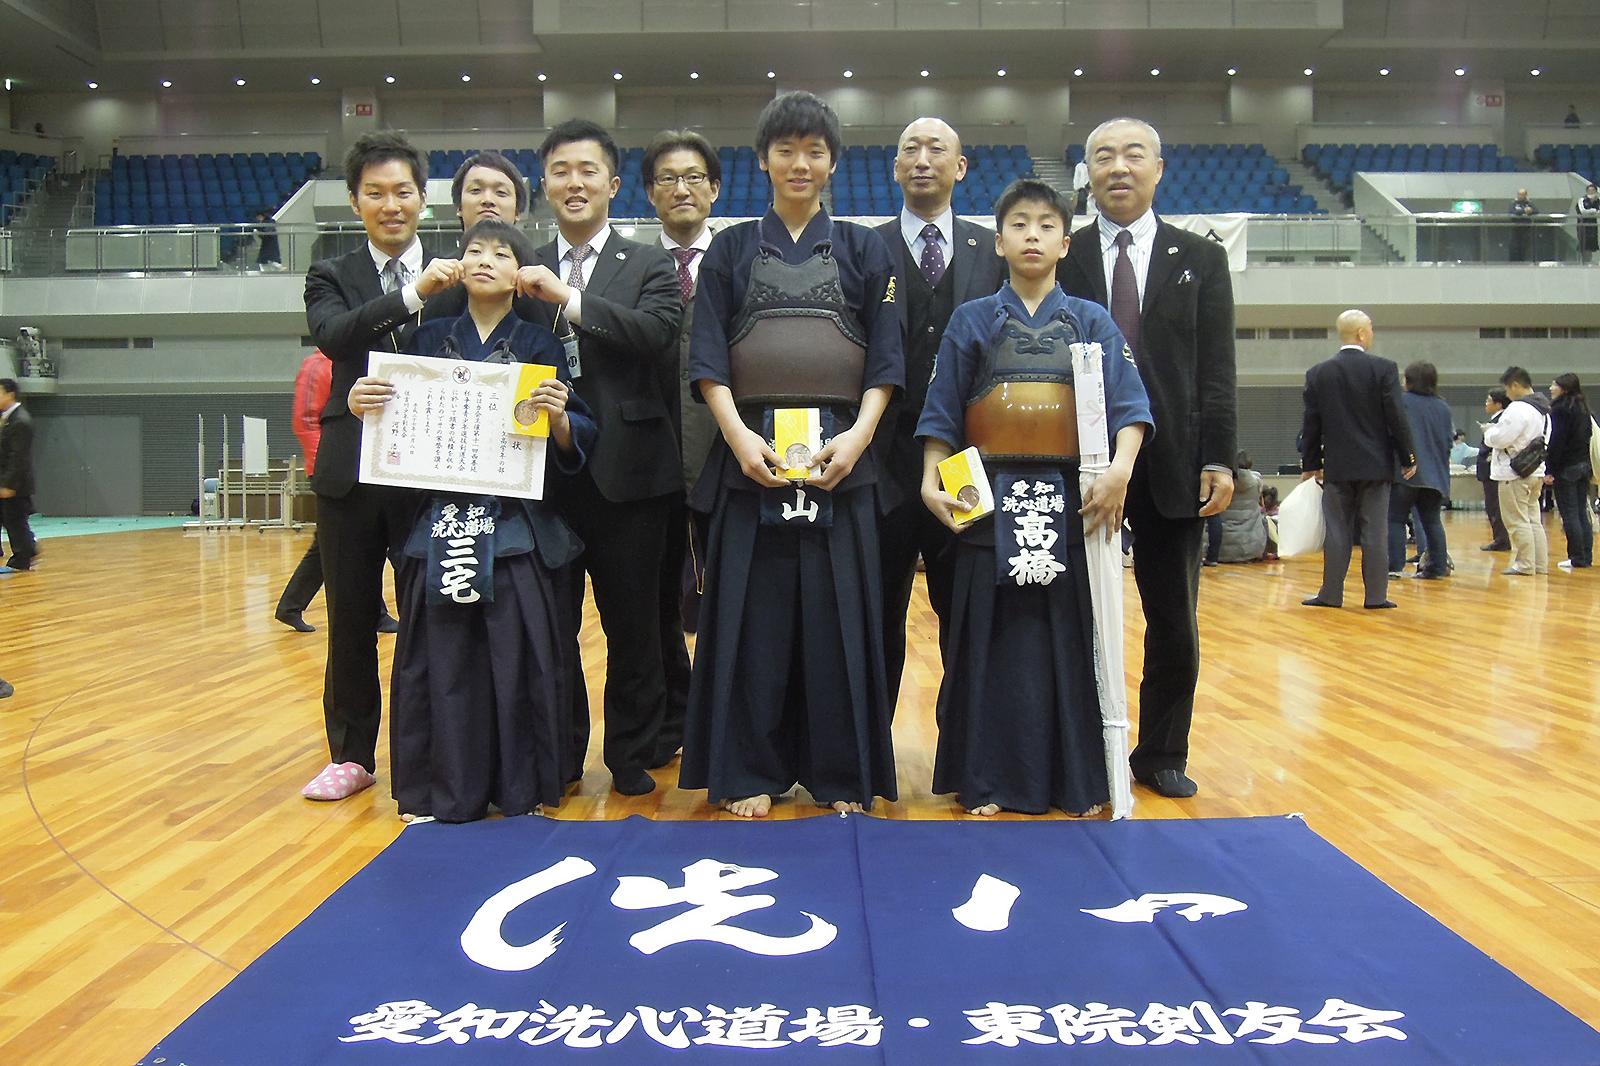 第11回西善延杯争奪青少年選抜剣道大会 小学生の部 第3位 洗心道場A